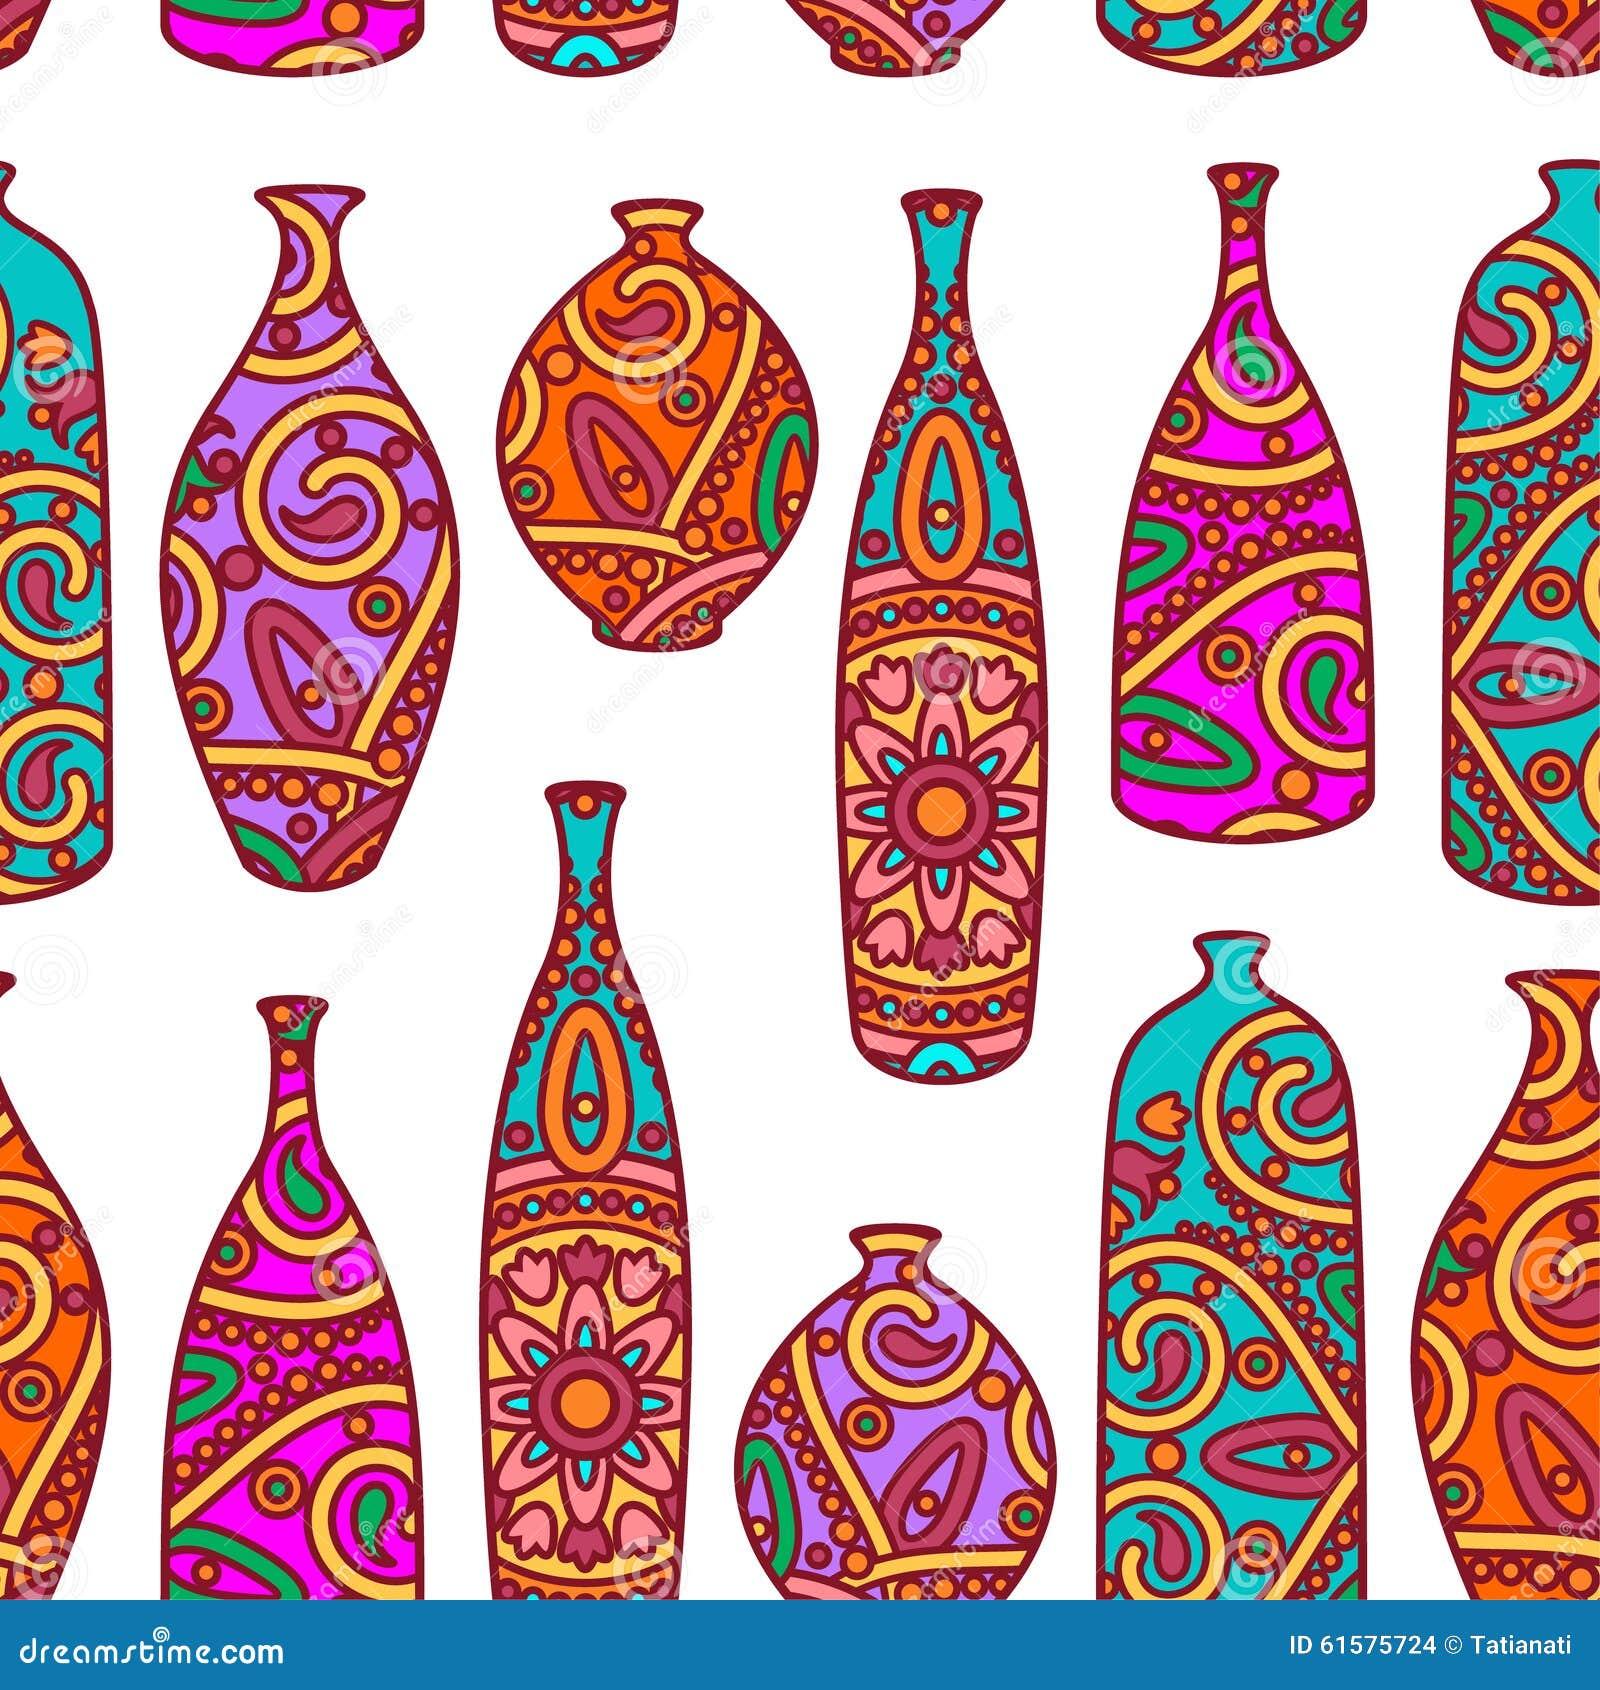 Ornamental bottles - Bottle Pattern